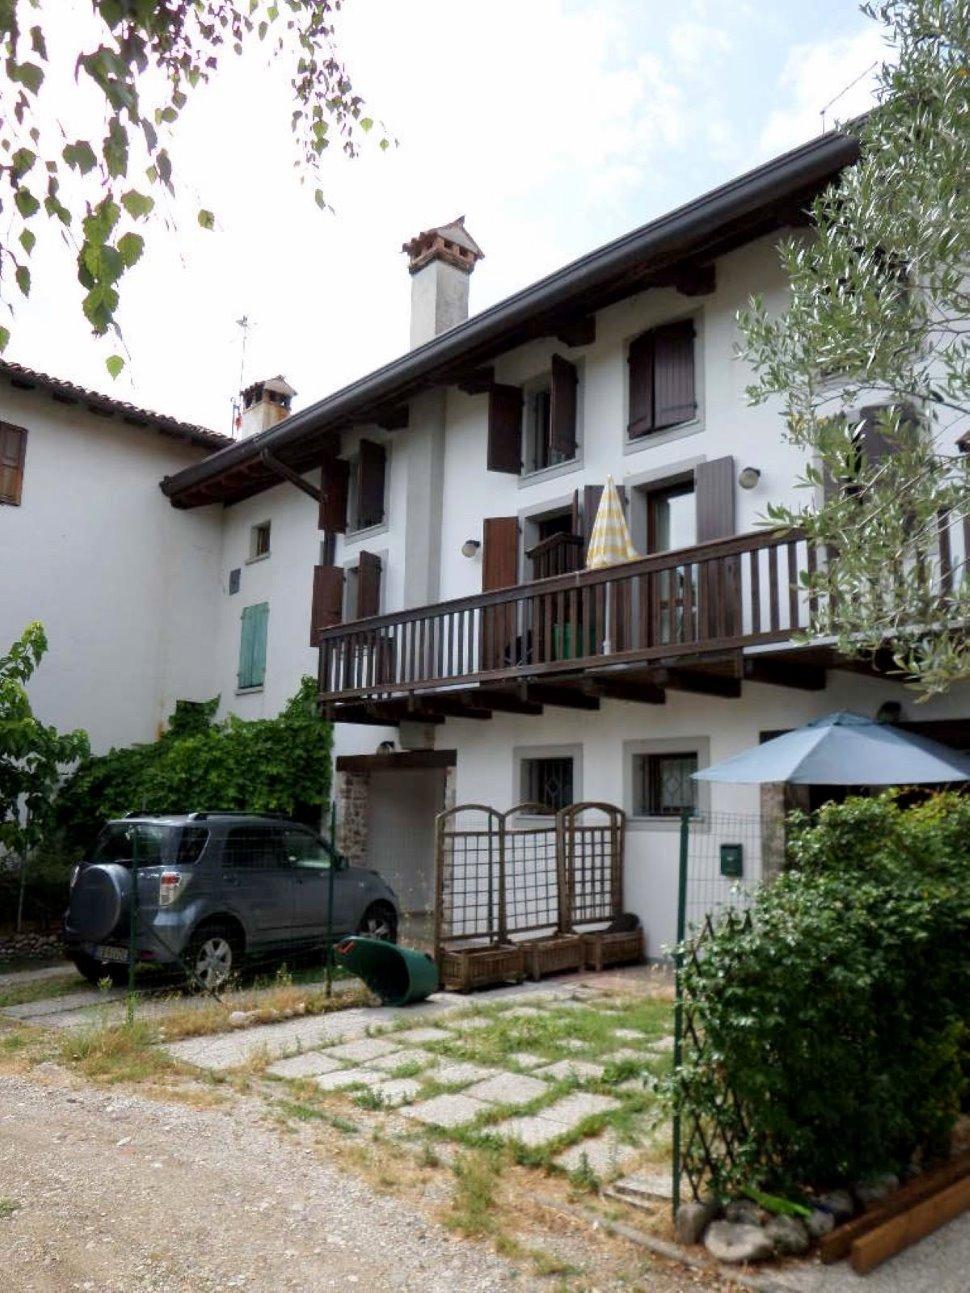 Casa in linea a Colloredo di Prato